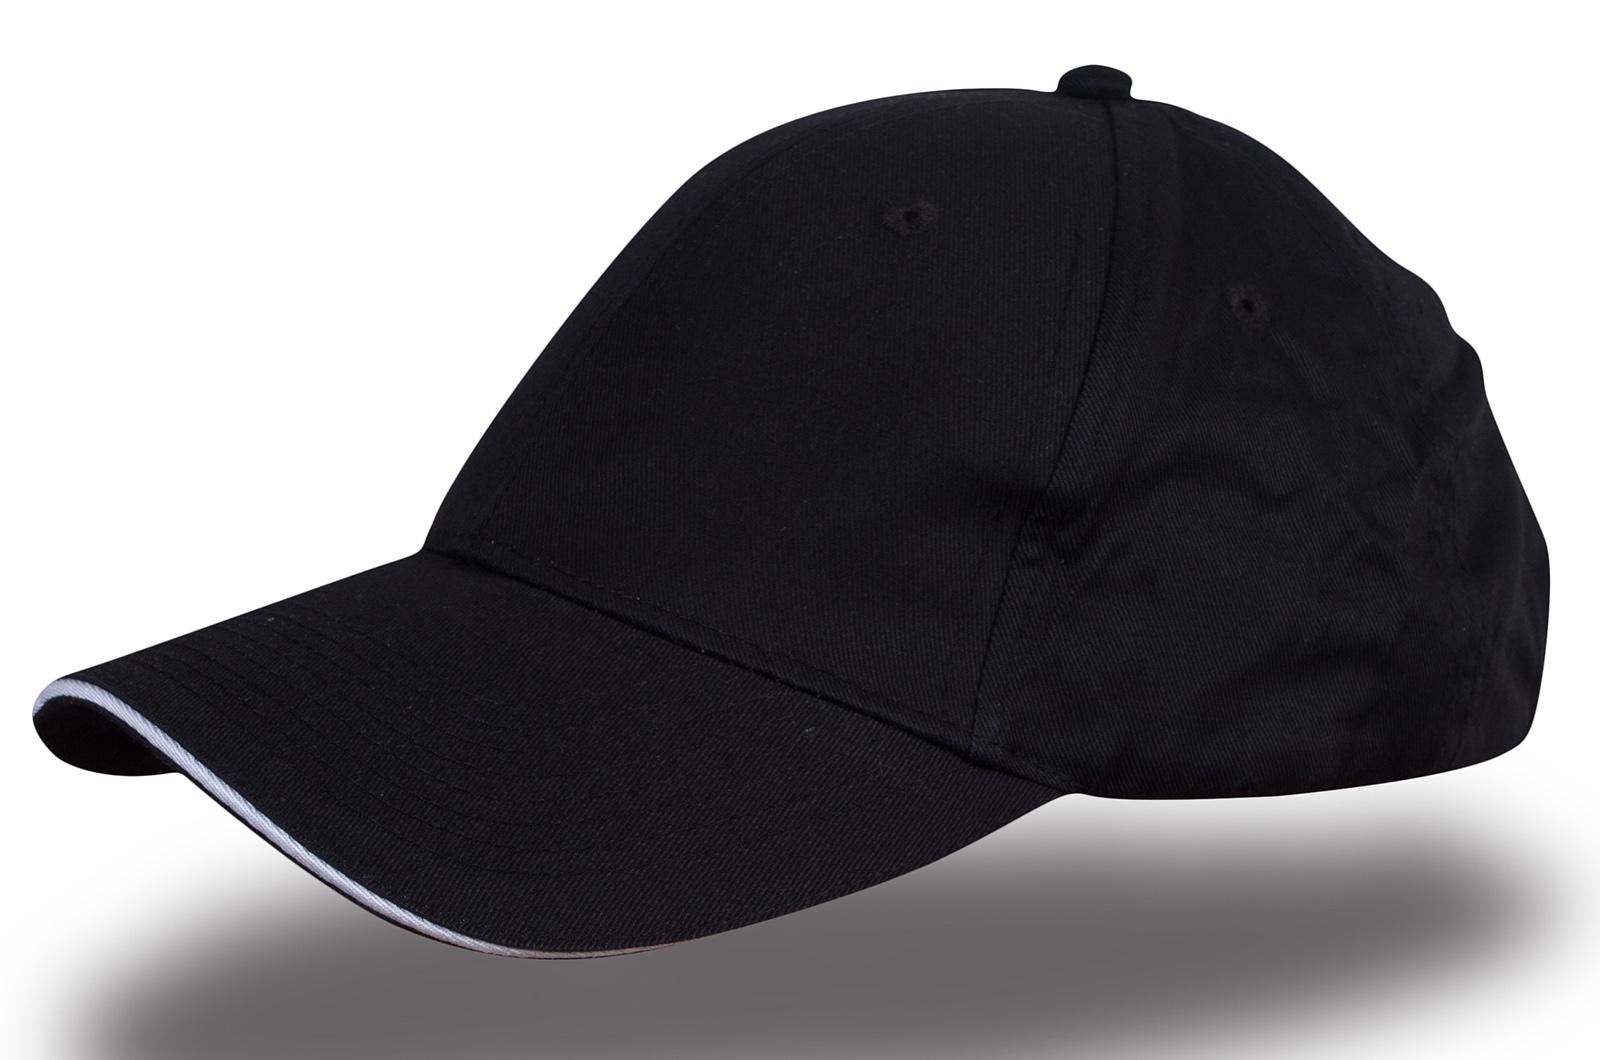 Кепка черная - купить в интернет-магазине с доставкой